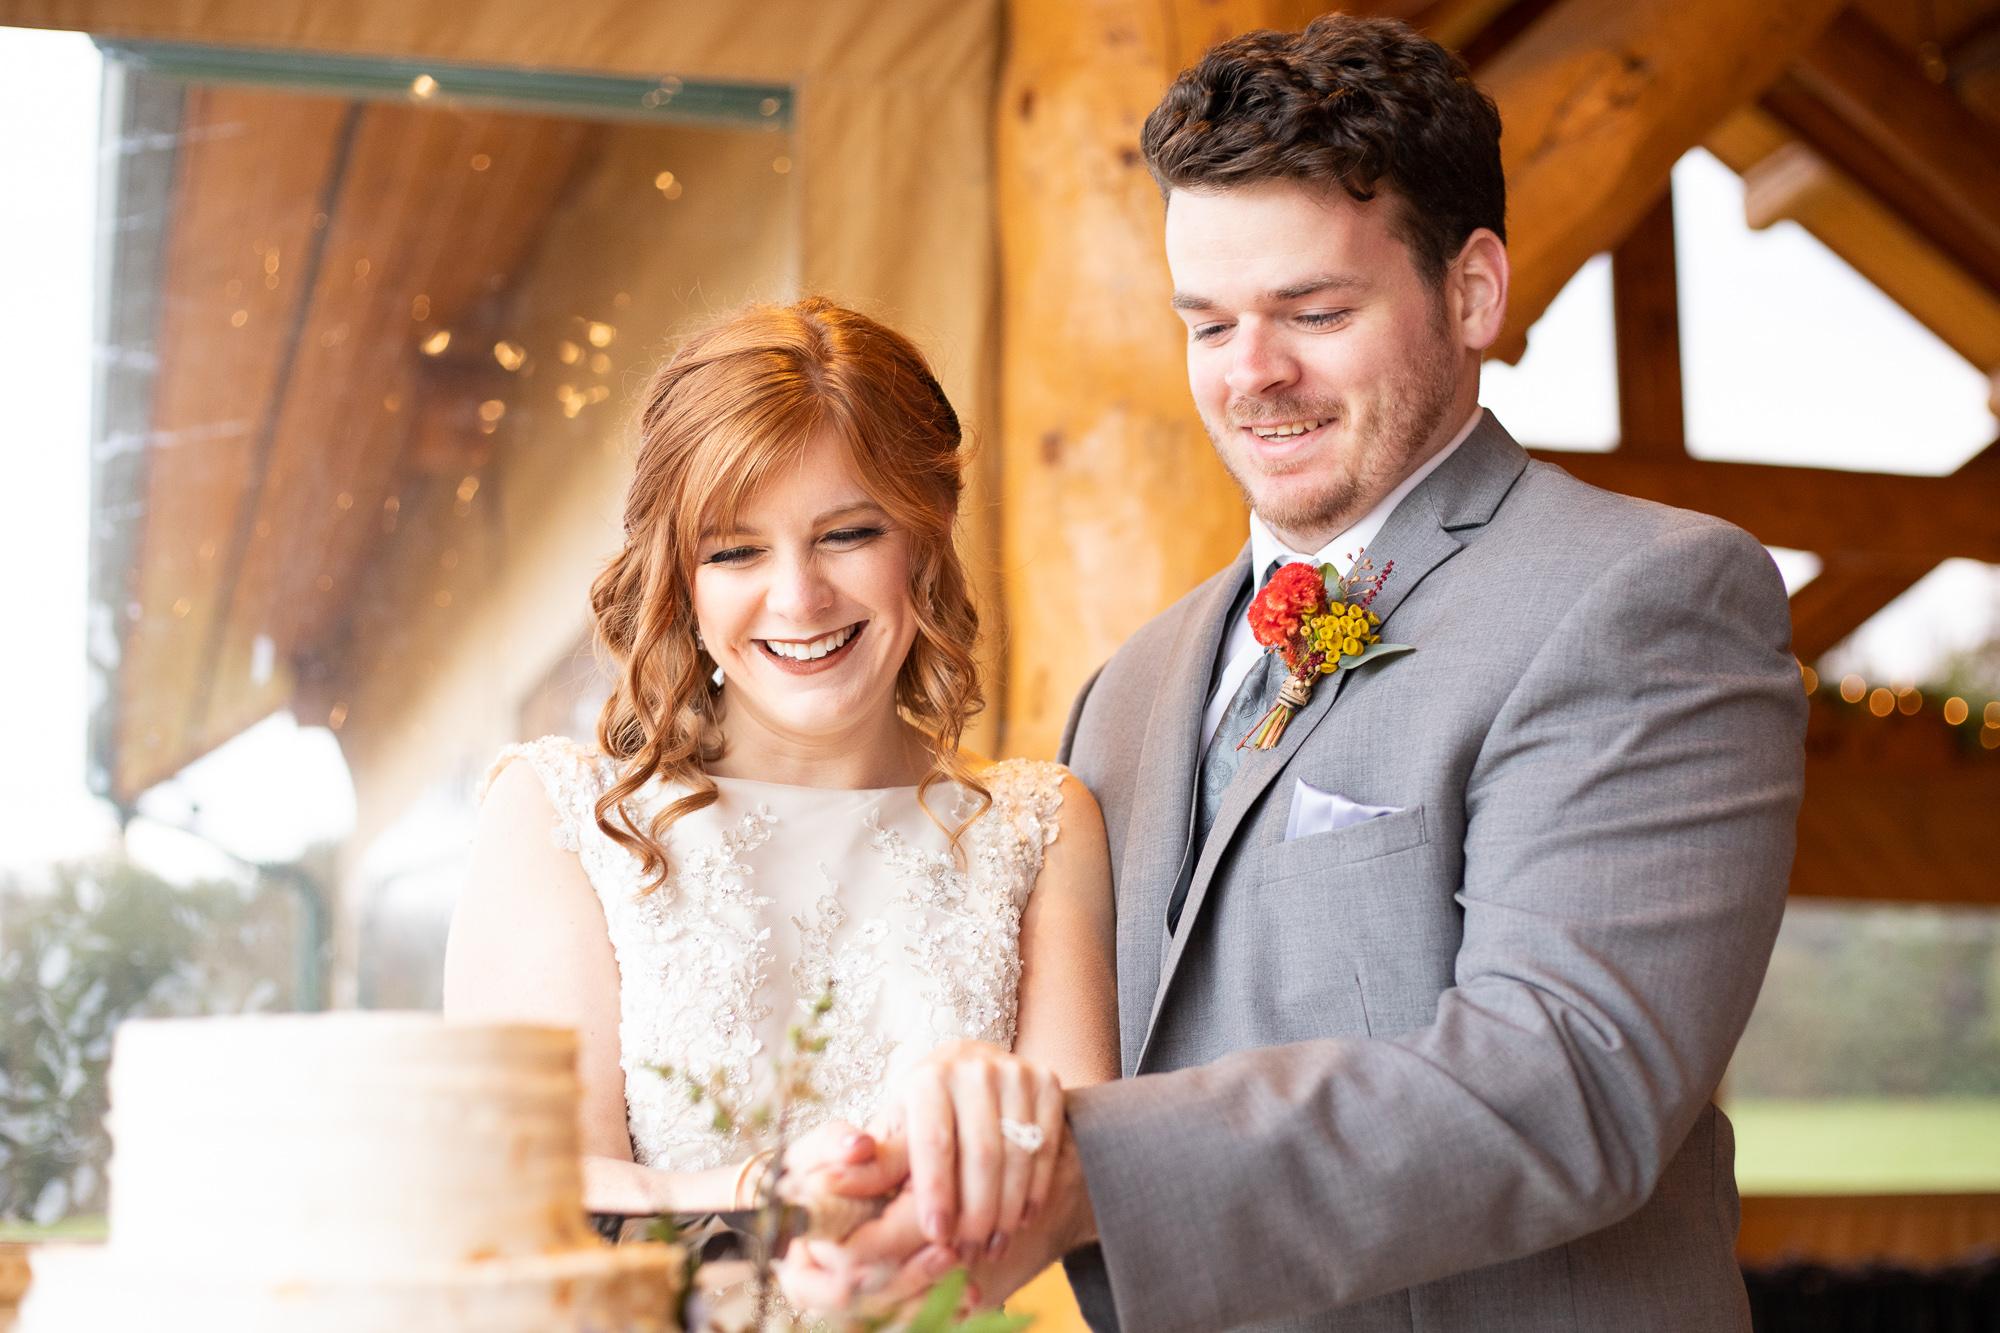 Bride and groom cutting Nizhoni Bakery wedding cake at autumn wedding styled shoot.